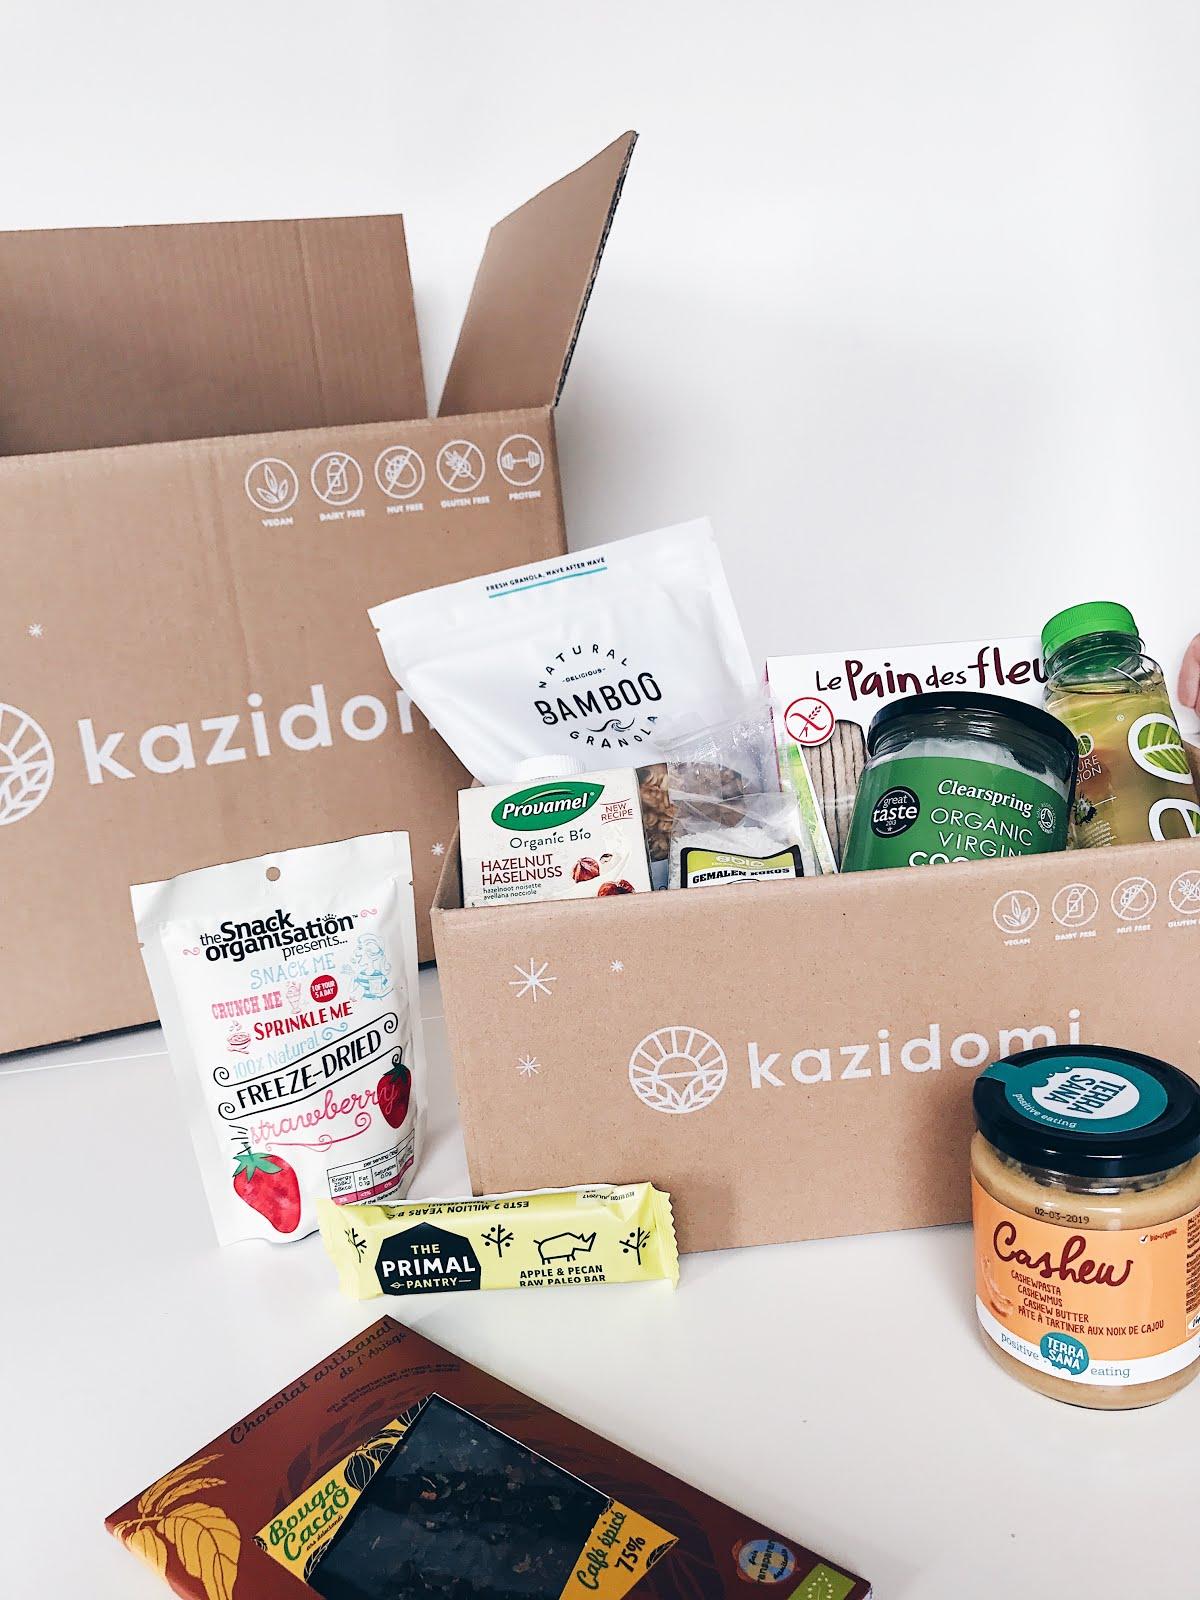 Kazidomi: l'eshop de produits sains, Réduction de 40€ sur l'abonnement avec le code ALESSA